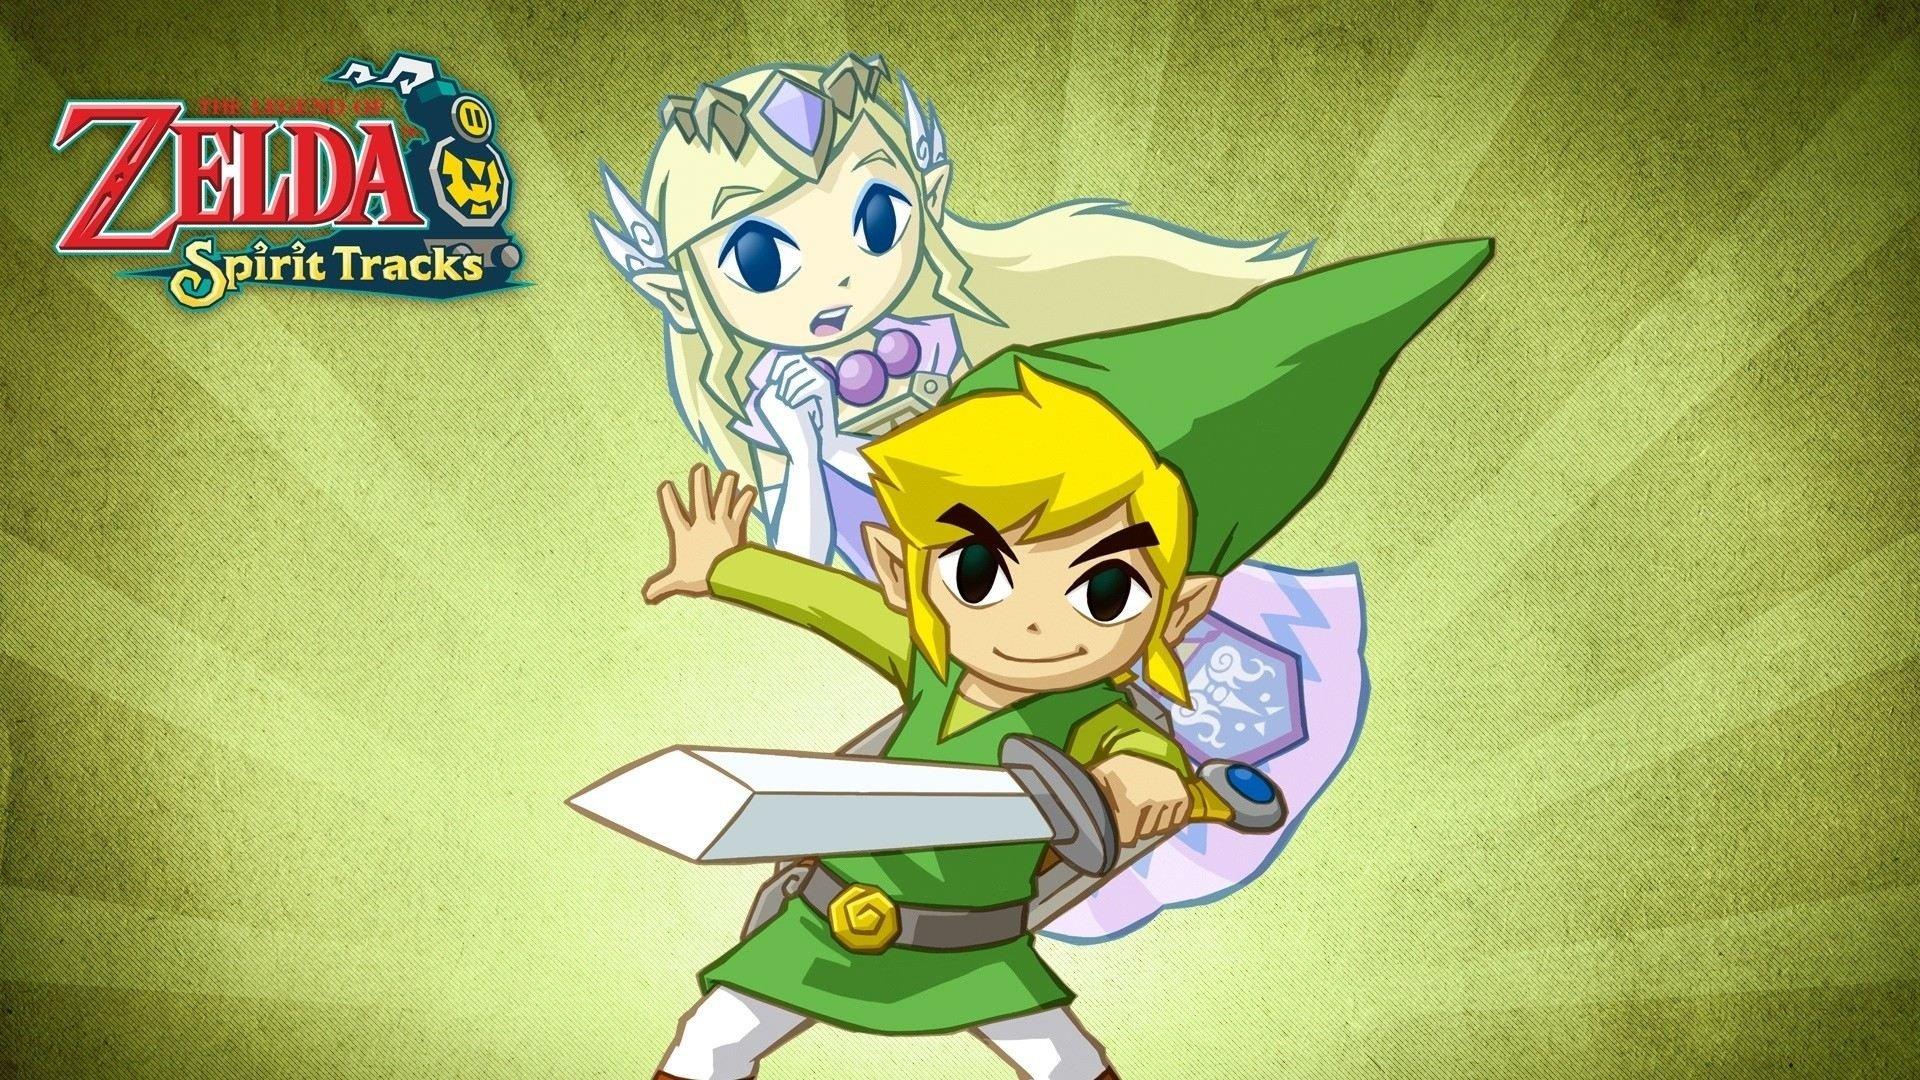 Legend Of Zelda Wallpaper Iphone X The Legend Of Zelda Spirit Tracks Hd Wallpaper